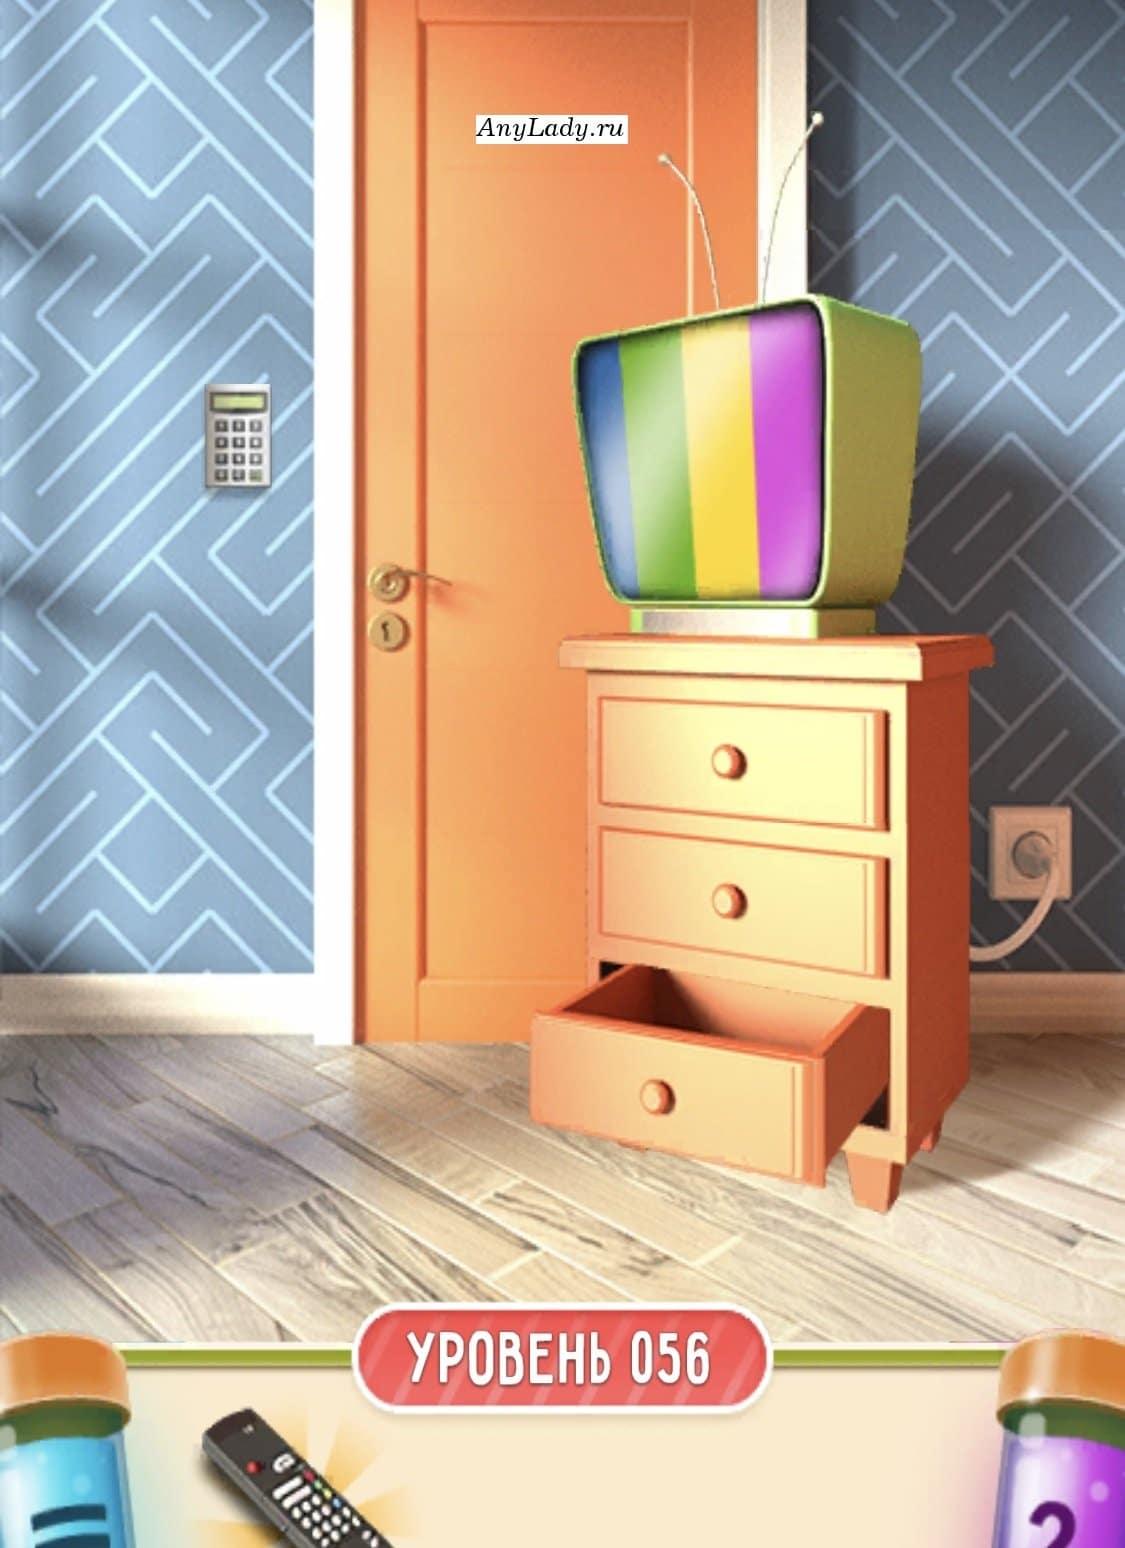 нужно отодвинуть тумбочку влево (смахнув ее пальцем) и нажать на розетку, тем самым Вы включите телевизор. После выдвините, на себя последний ящик шкафа и достаньте пульт от телевизора. Возьмите пульт и нажмите несколько раз на экран. Переключая каналы, Вы увидите код, цифры изображены на цветном фоне, порядок цифр исходит от цветовых помех телевизора.   Решение: синий цвет - восемь; зеленый - один; желтый - четыре; фиолетовый - шесть. (8146)